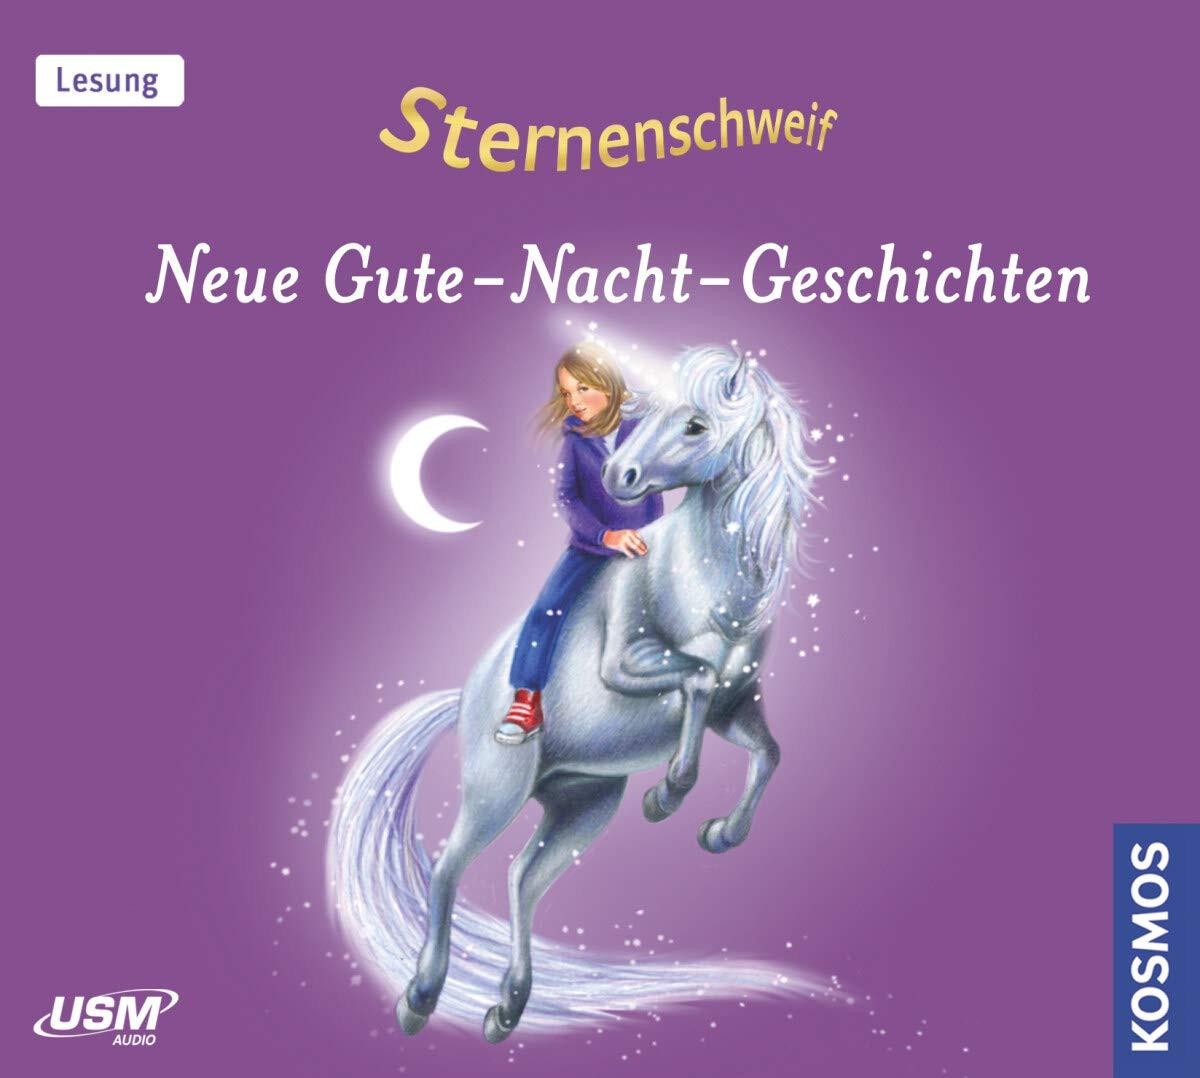 Sternenschweif - Neue Gute-Nacht-Geschichten